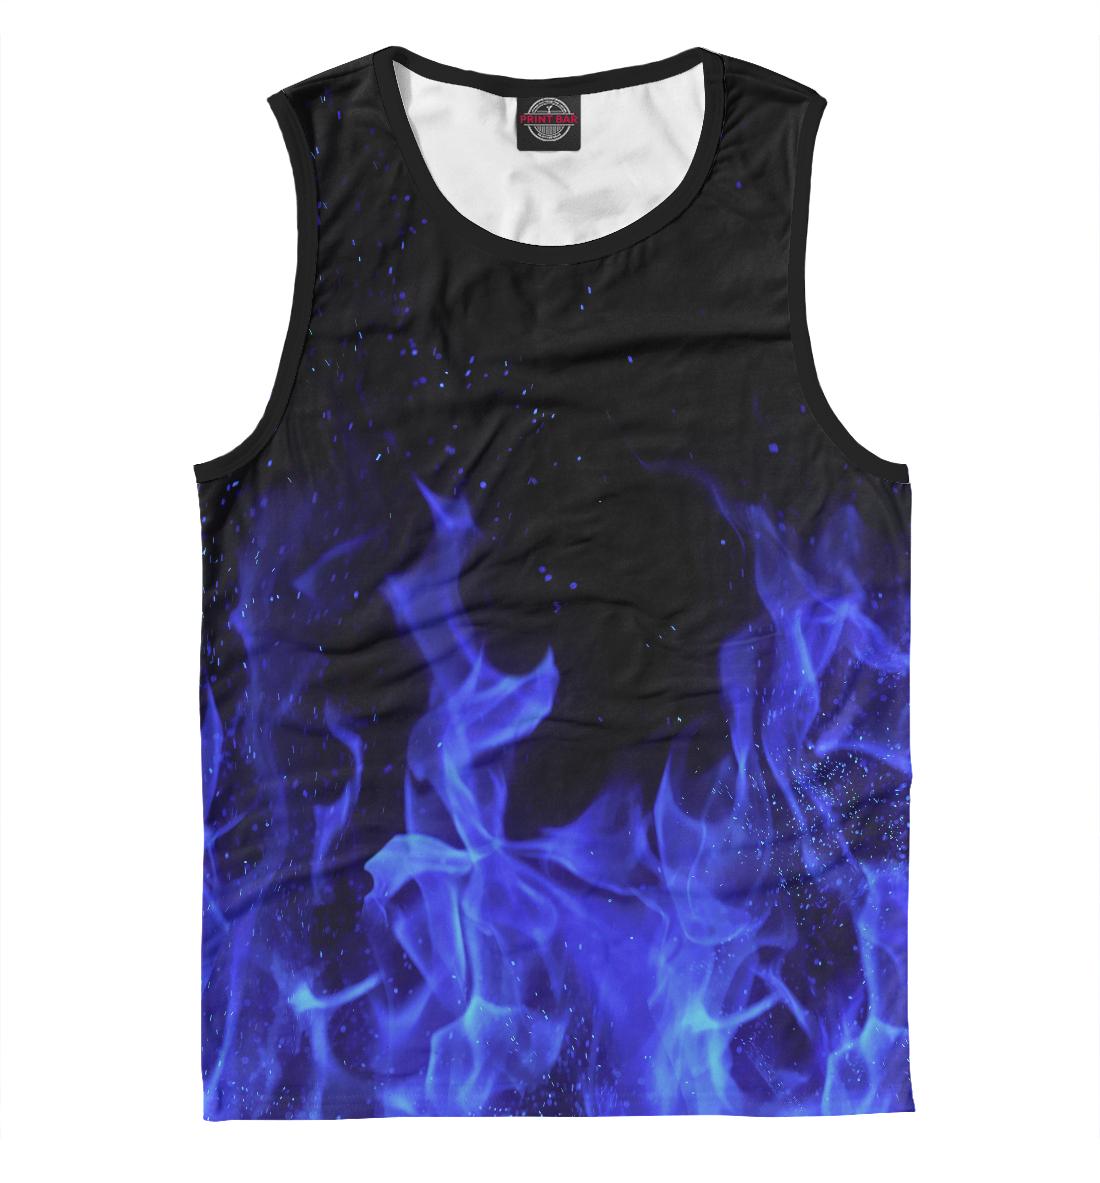 Купить Синий огонь, Printbar, Майки, STI-739543-may-2